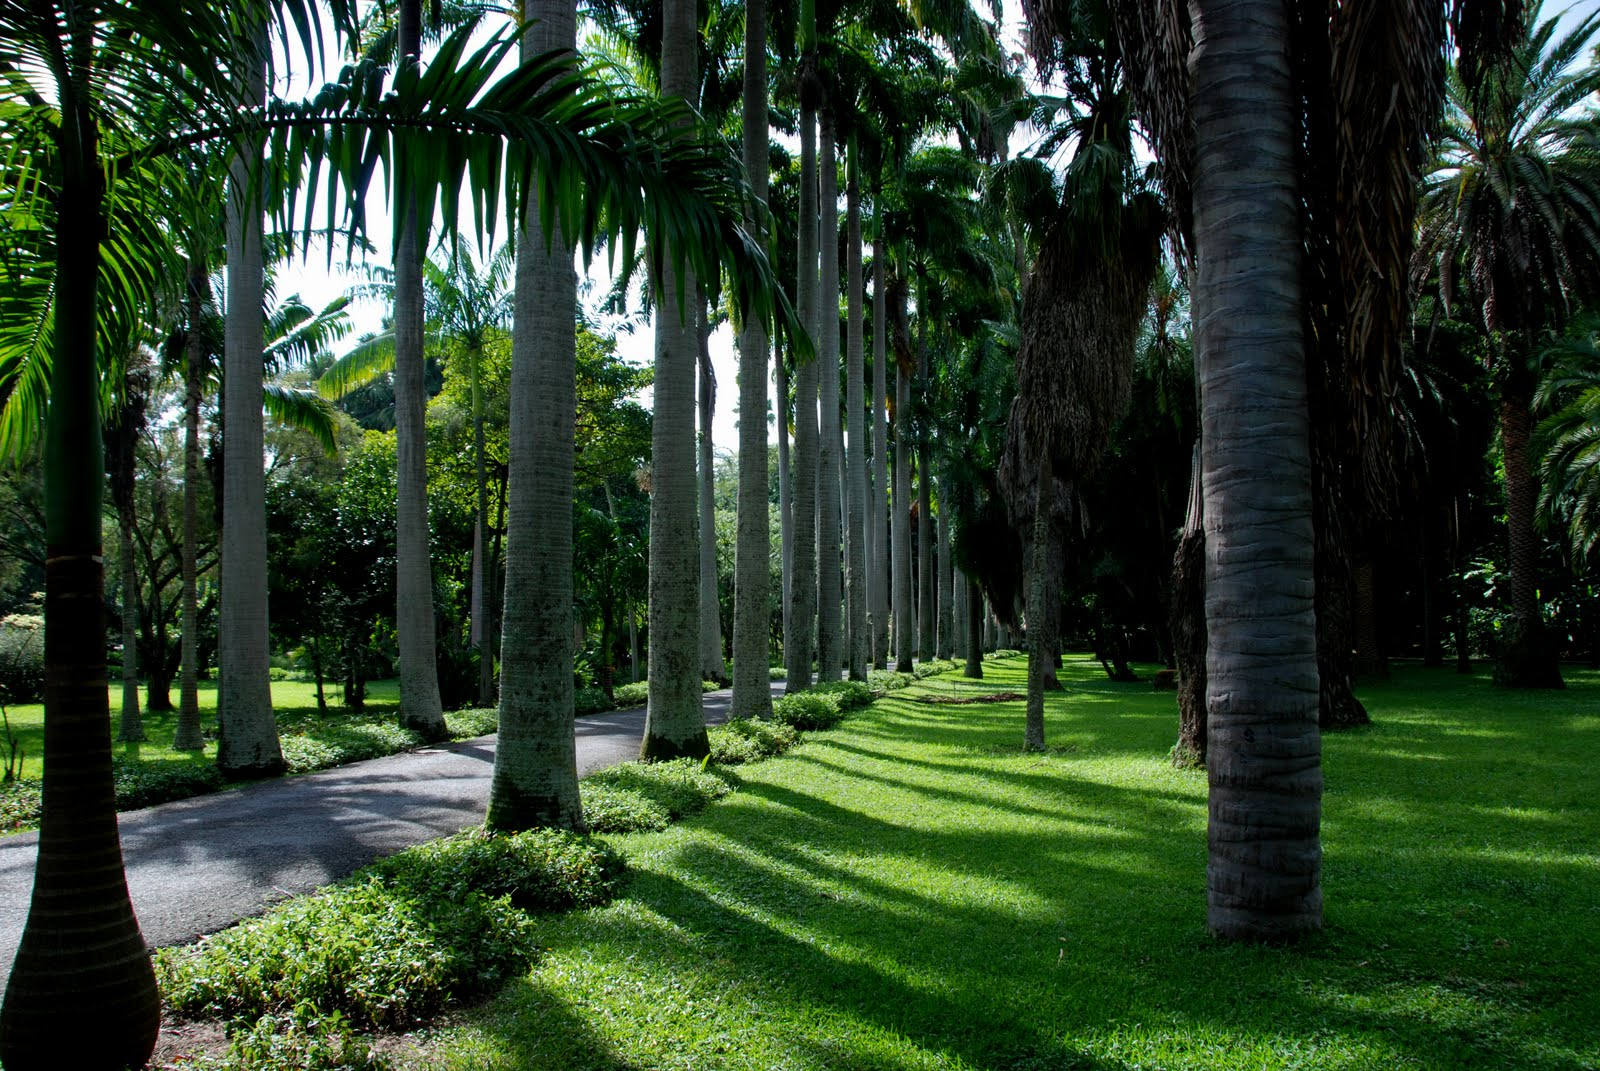 El blog del jard n v encuentro jardines bot nicos for Paisajismos en jardines